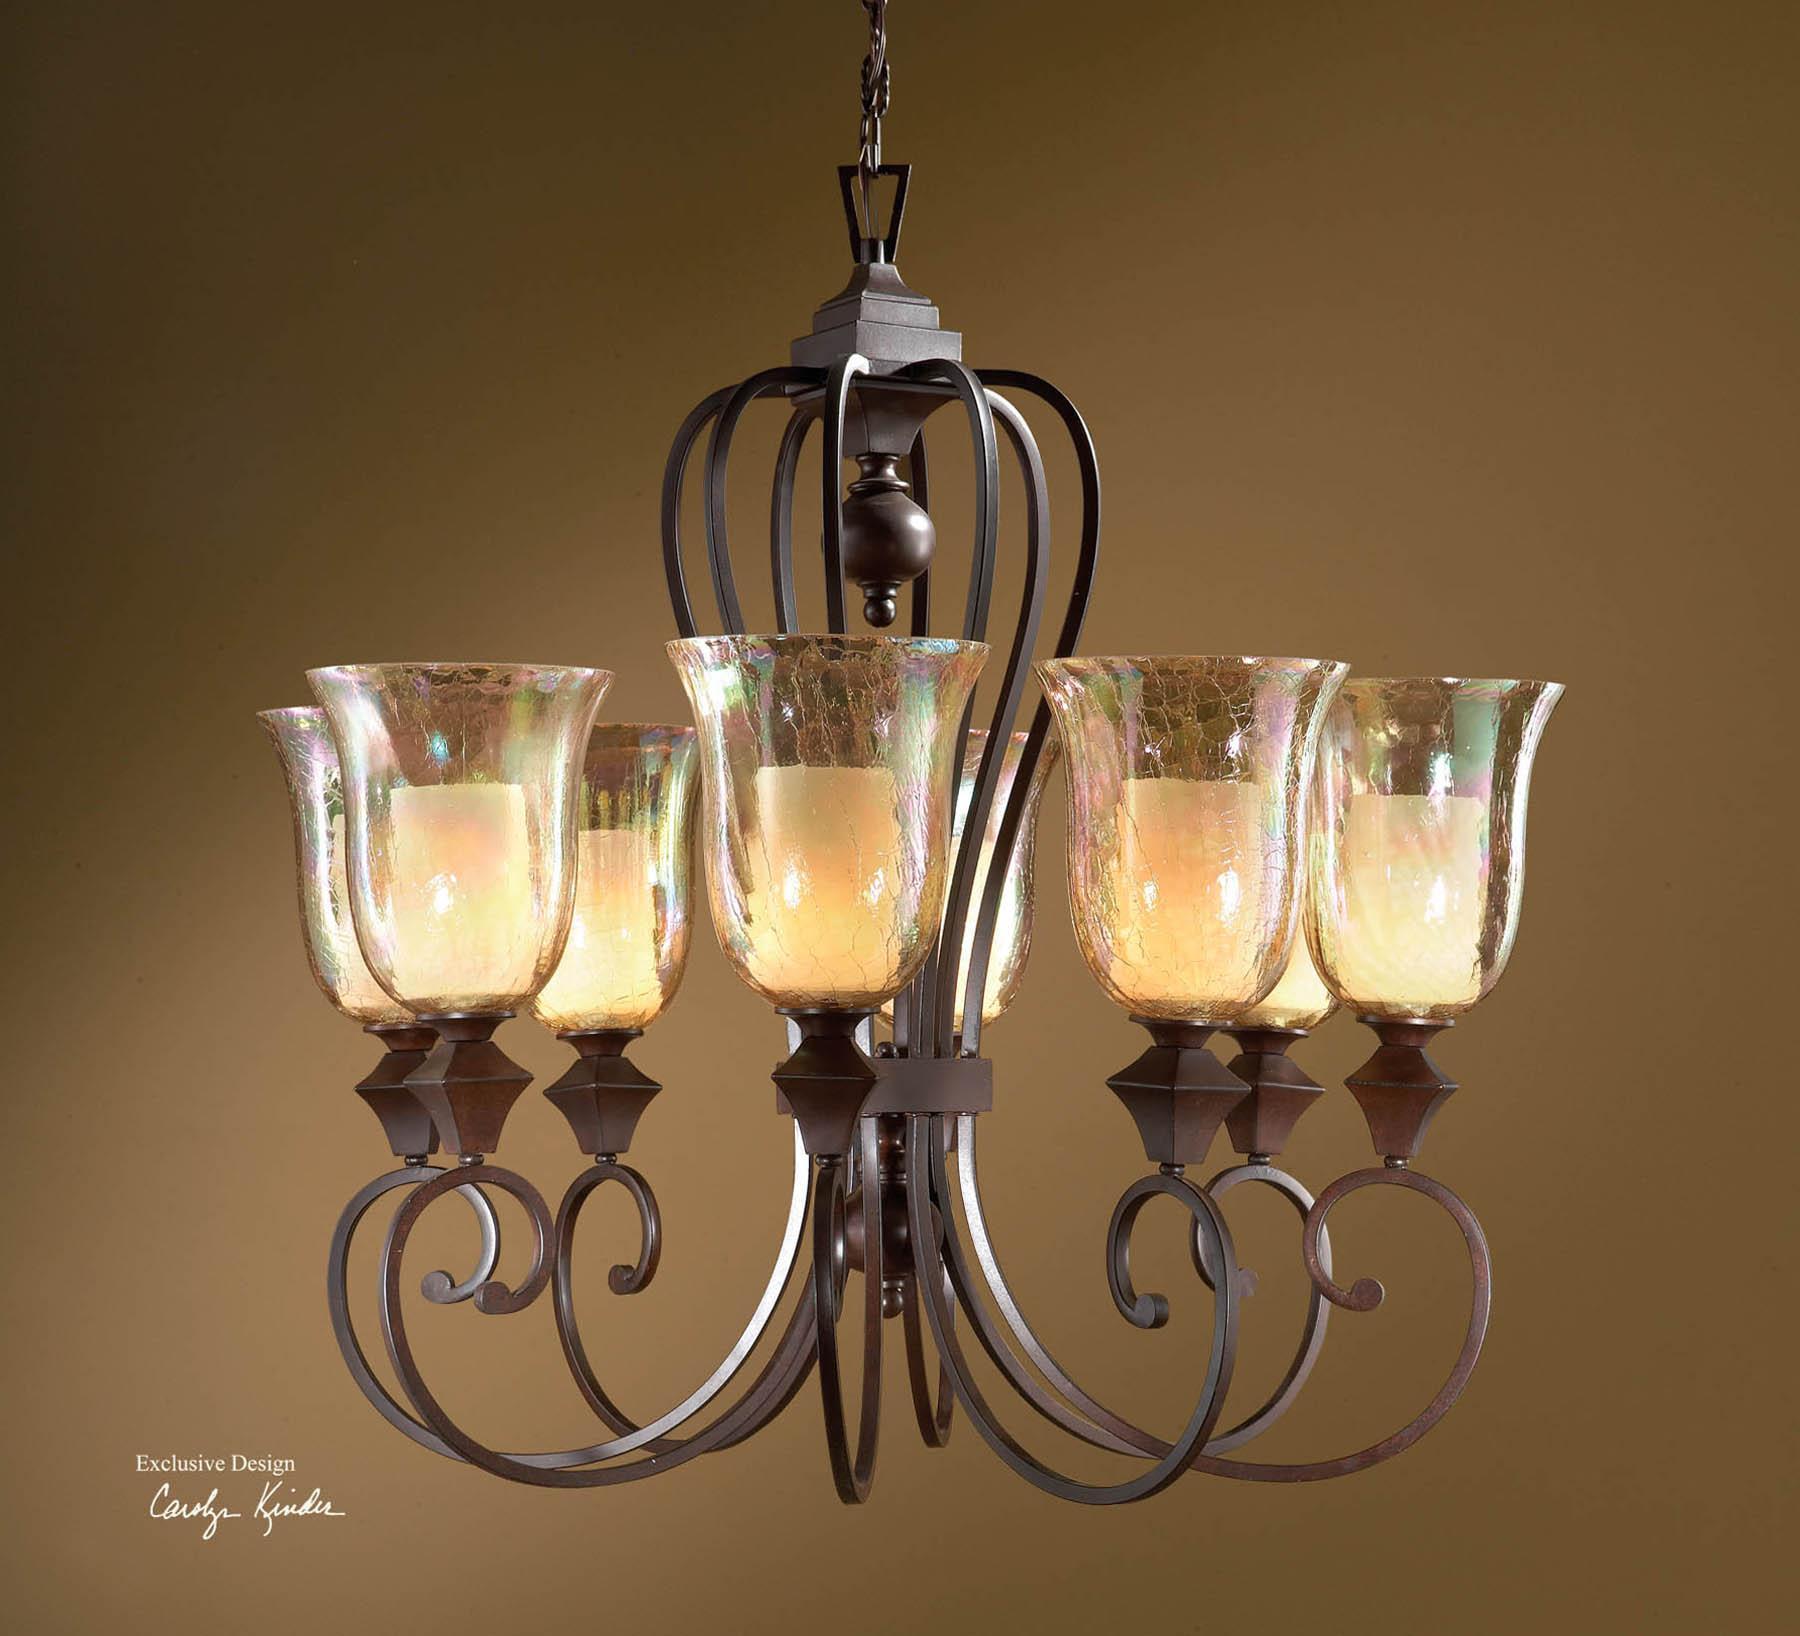 Uttermost Lighting Fixtures Elba 8-Light Chandelier - Item Number: 21049